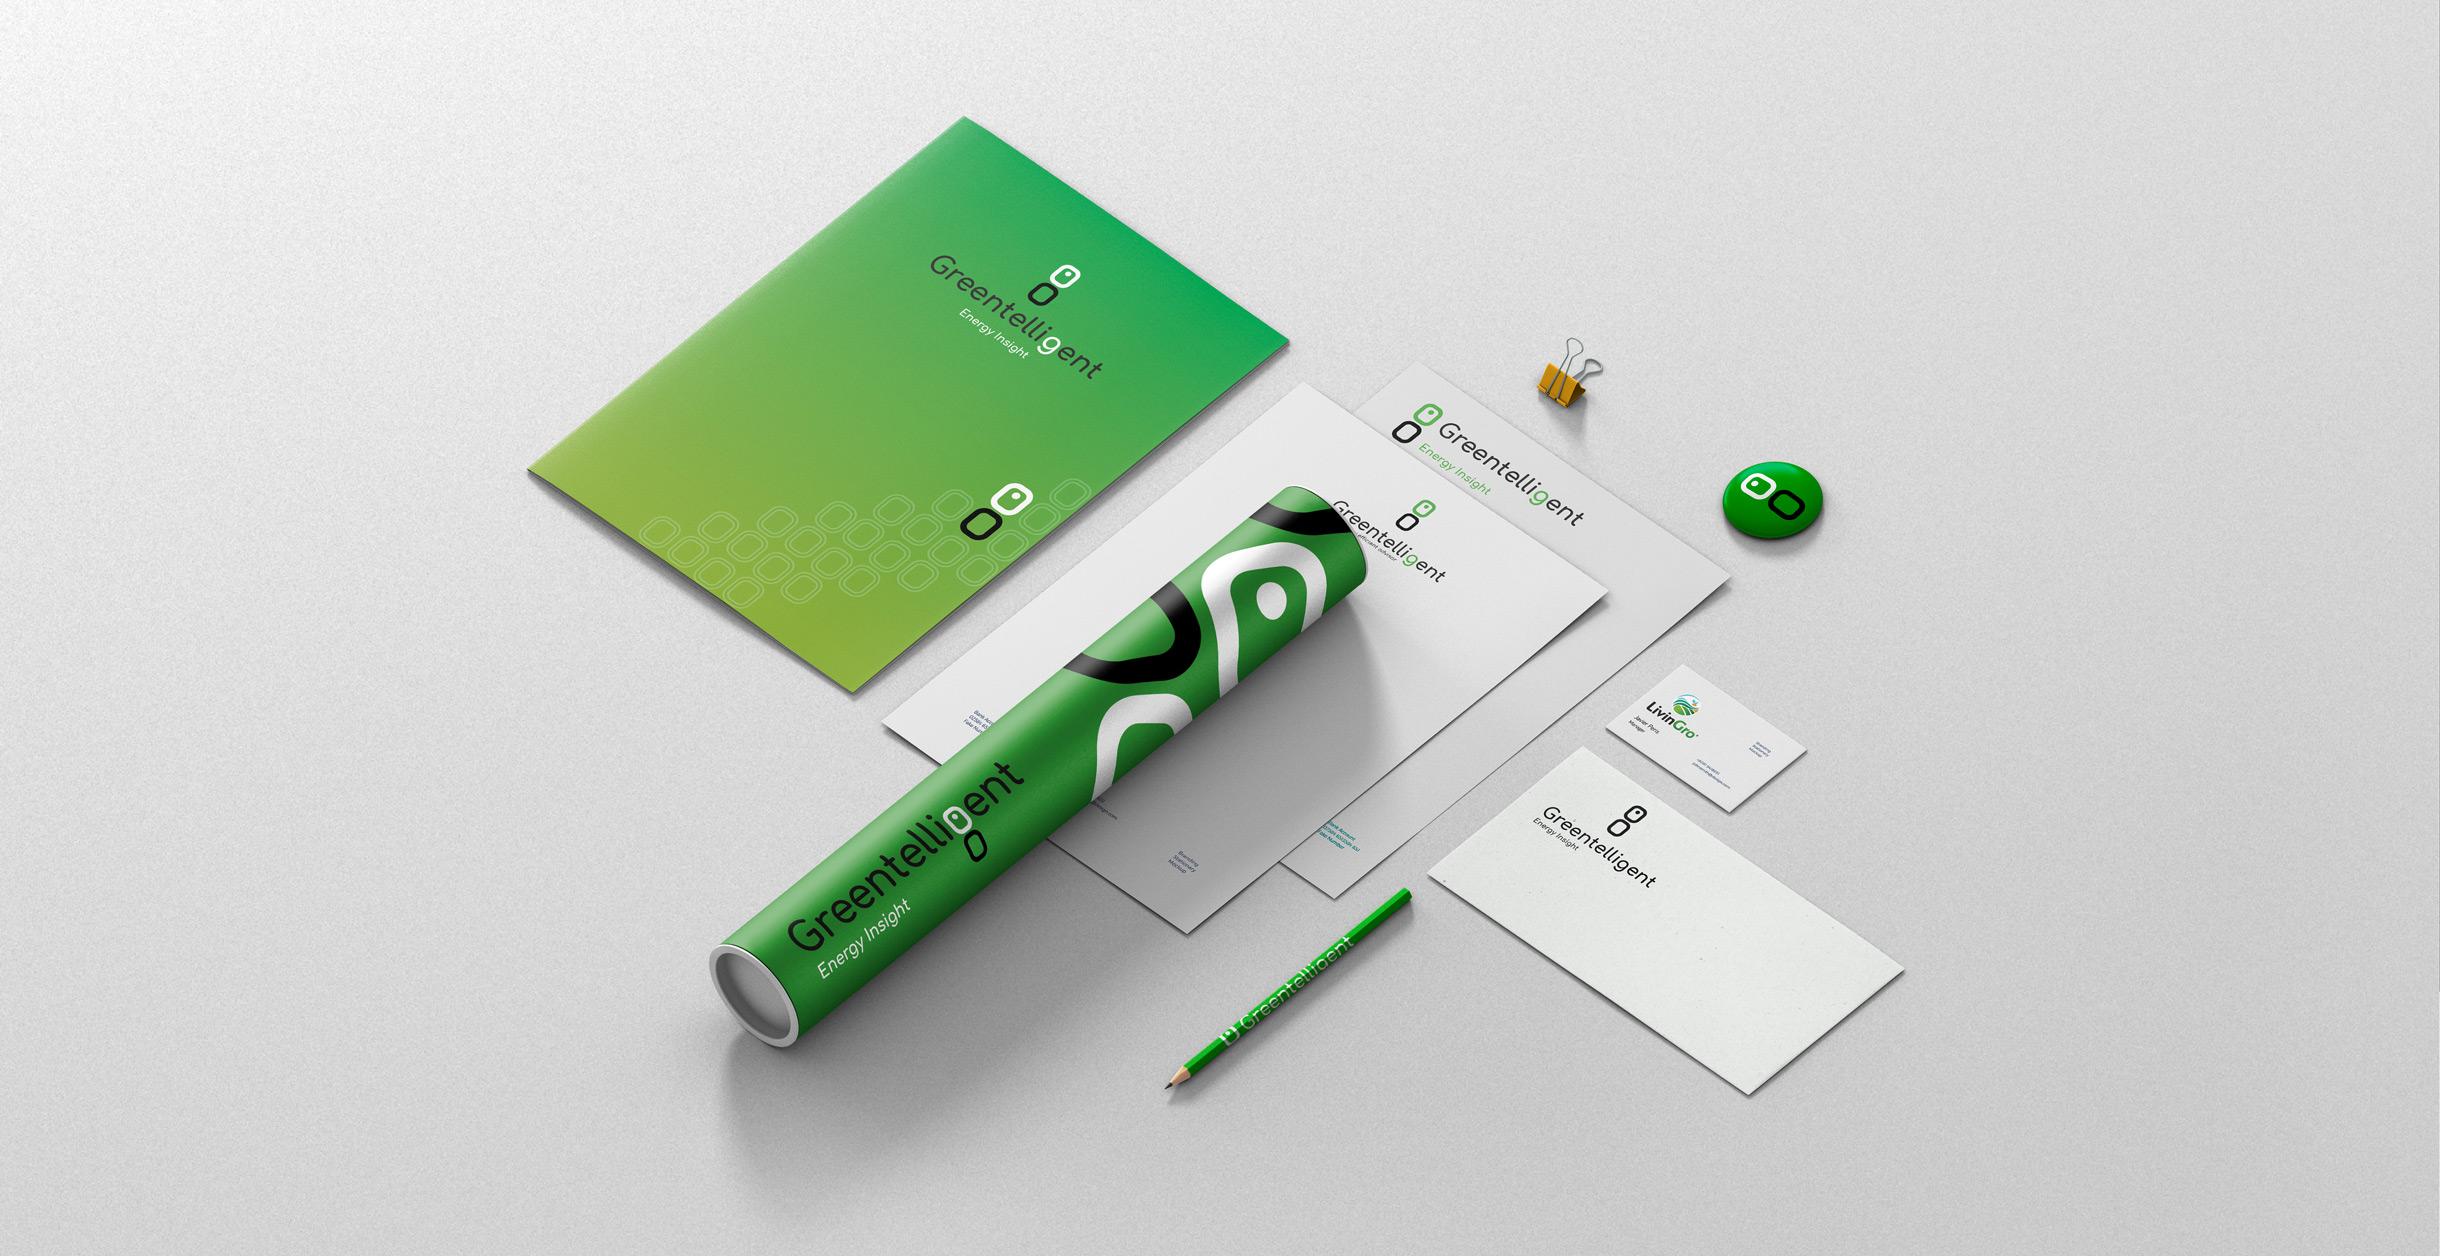 Agencia de Diseño grafico especializada en Branding e identidad corporativa madrid Brandesign